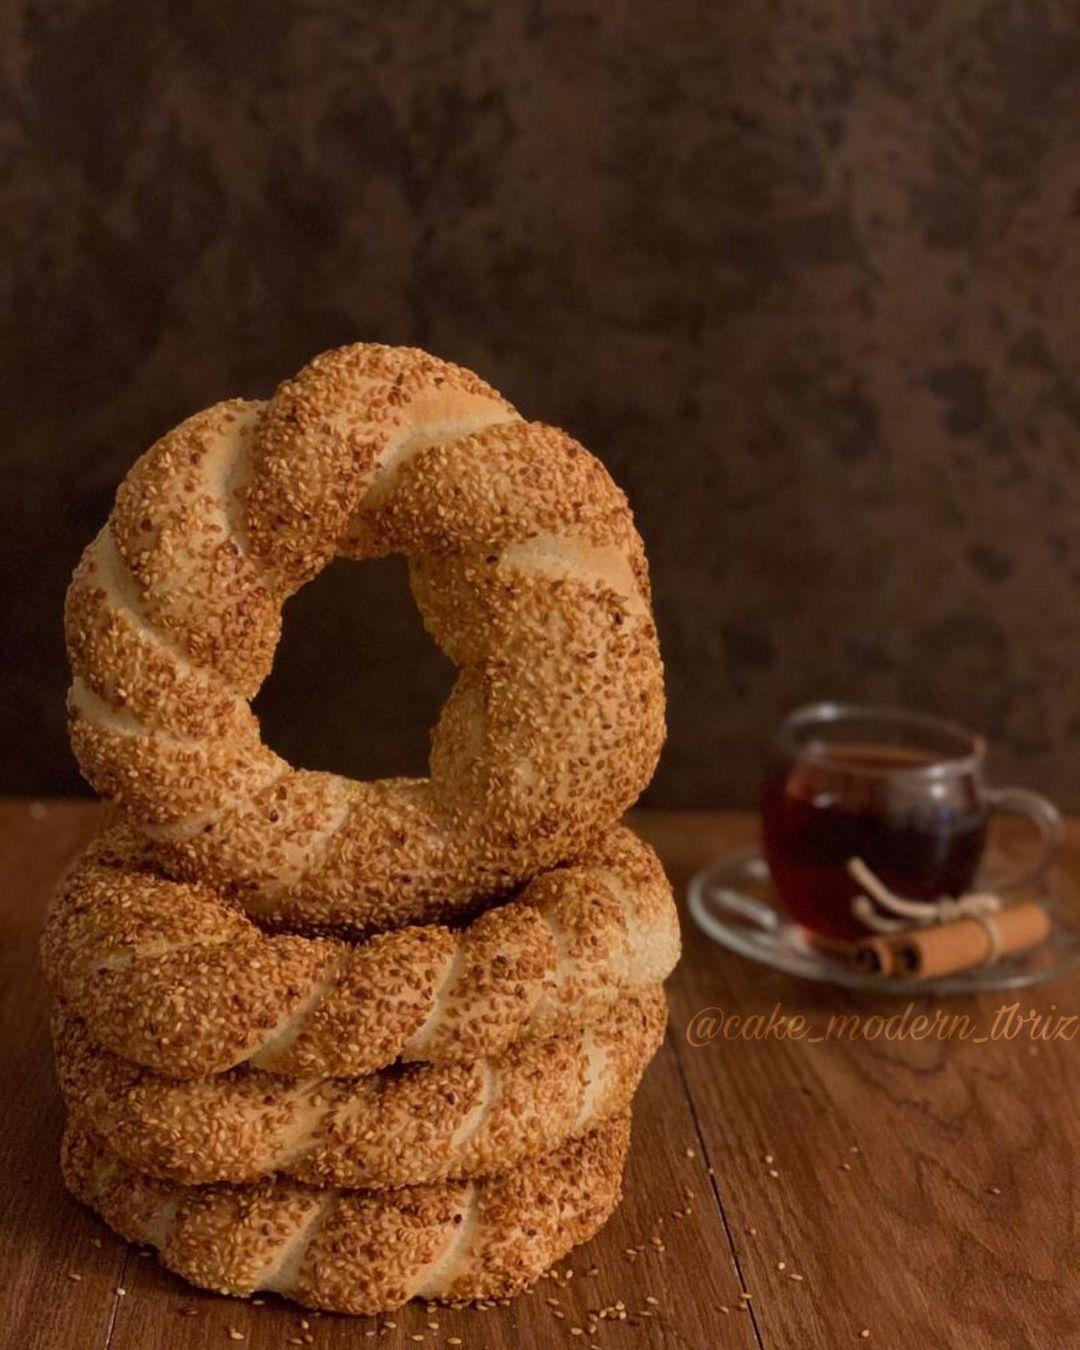 طرز تهیه سیمیت خوشمزه اصل ترکیه با شیره انگور مرحله به مرحله